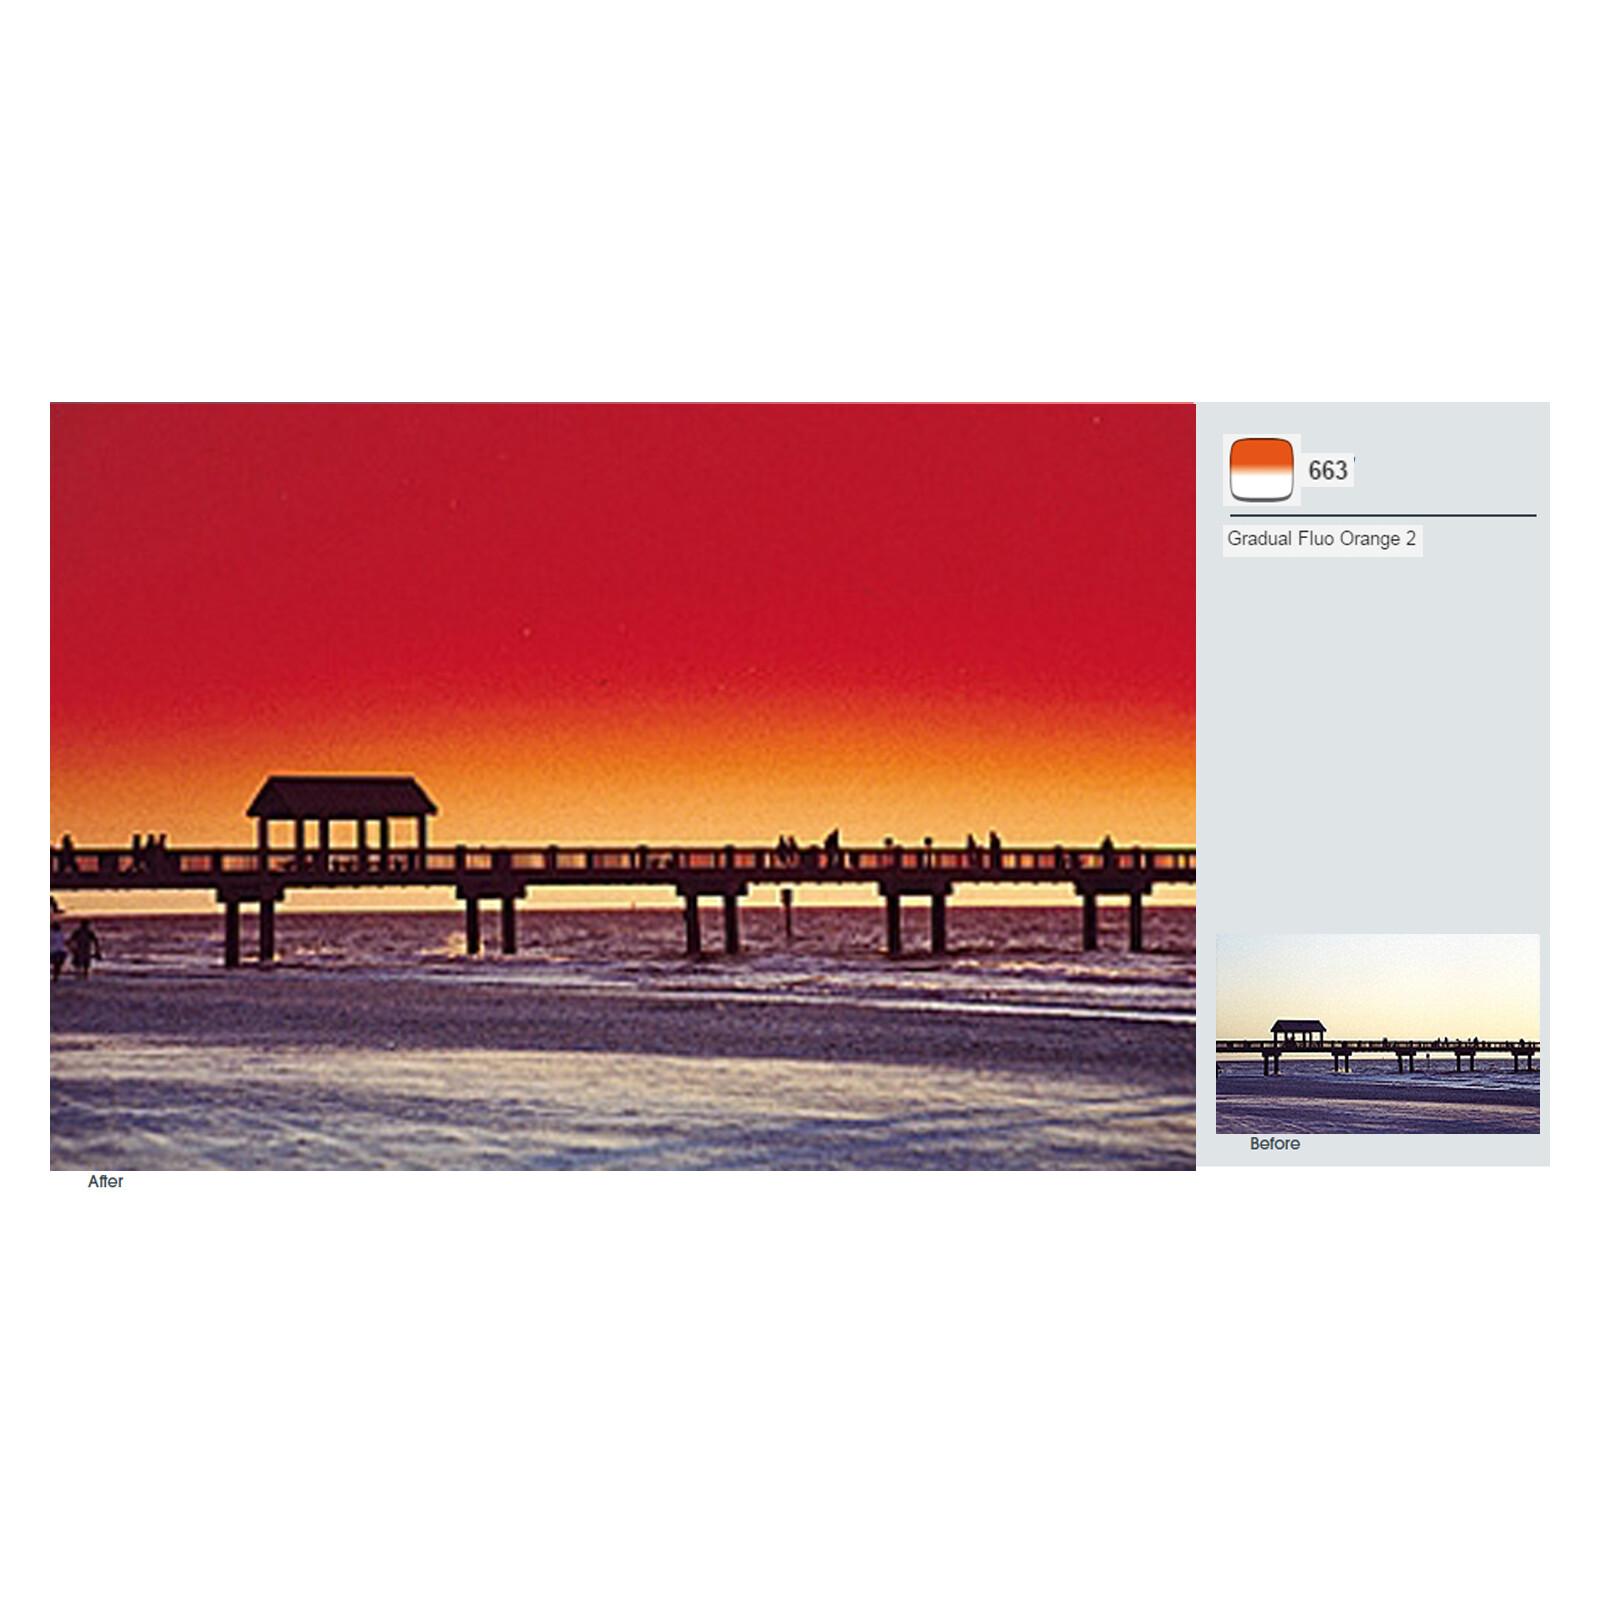 Cokin A663 Verlauf leuchtend Orange 2